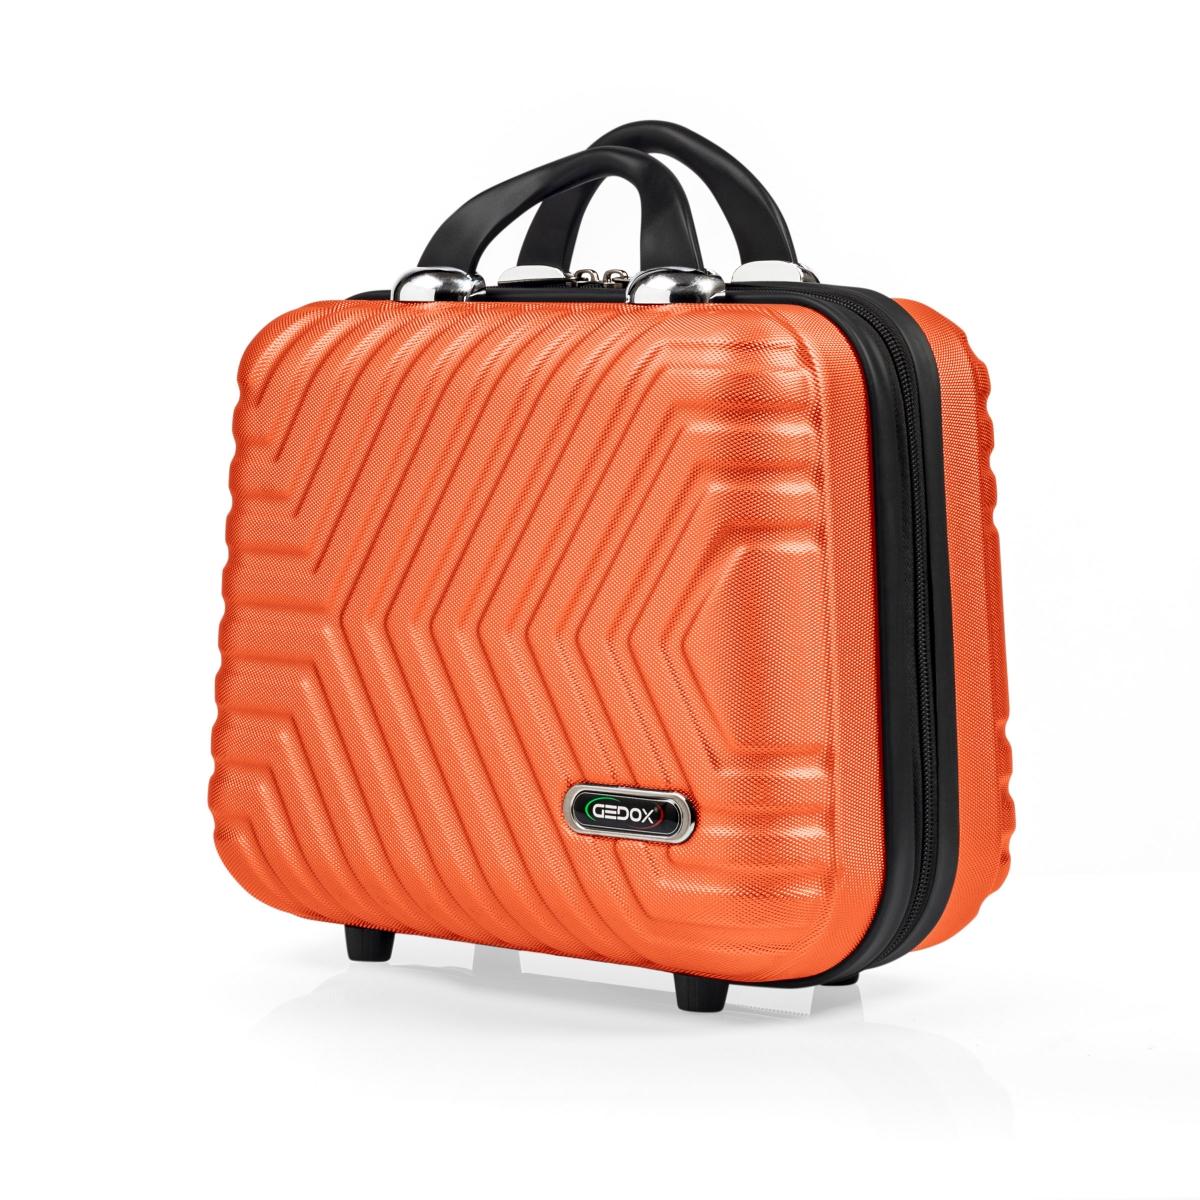 G&D Polo Suitcase Abs Makyaj&Hostes El Çantası Model:615.15 Turuncu